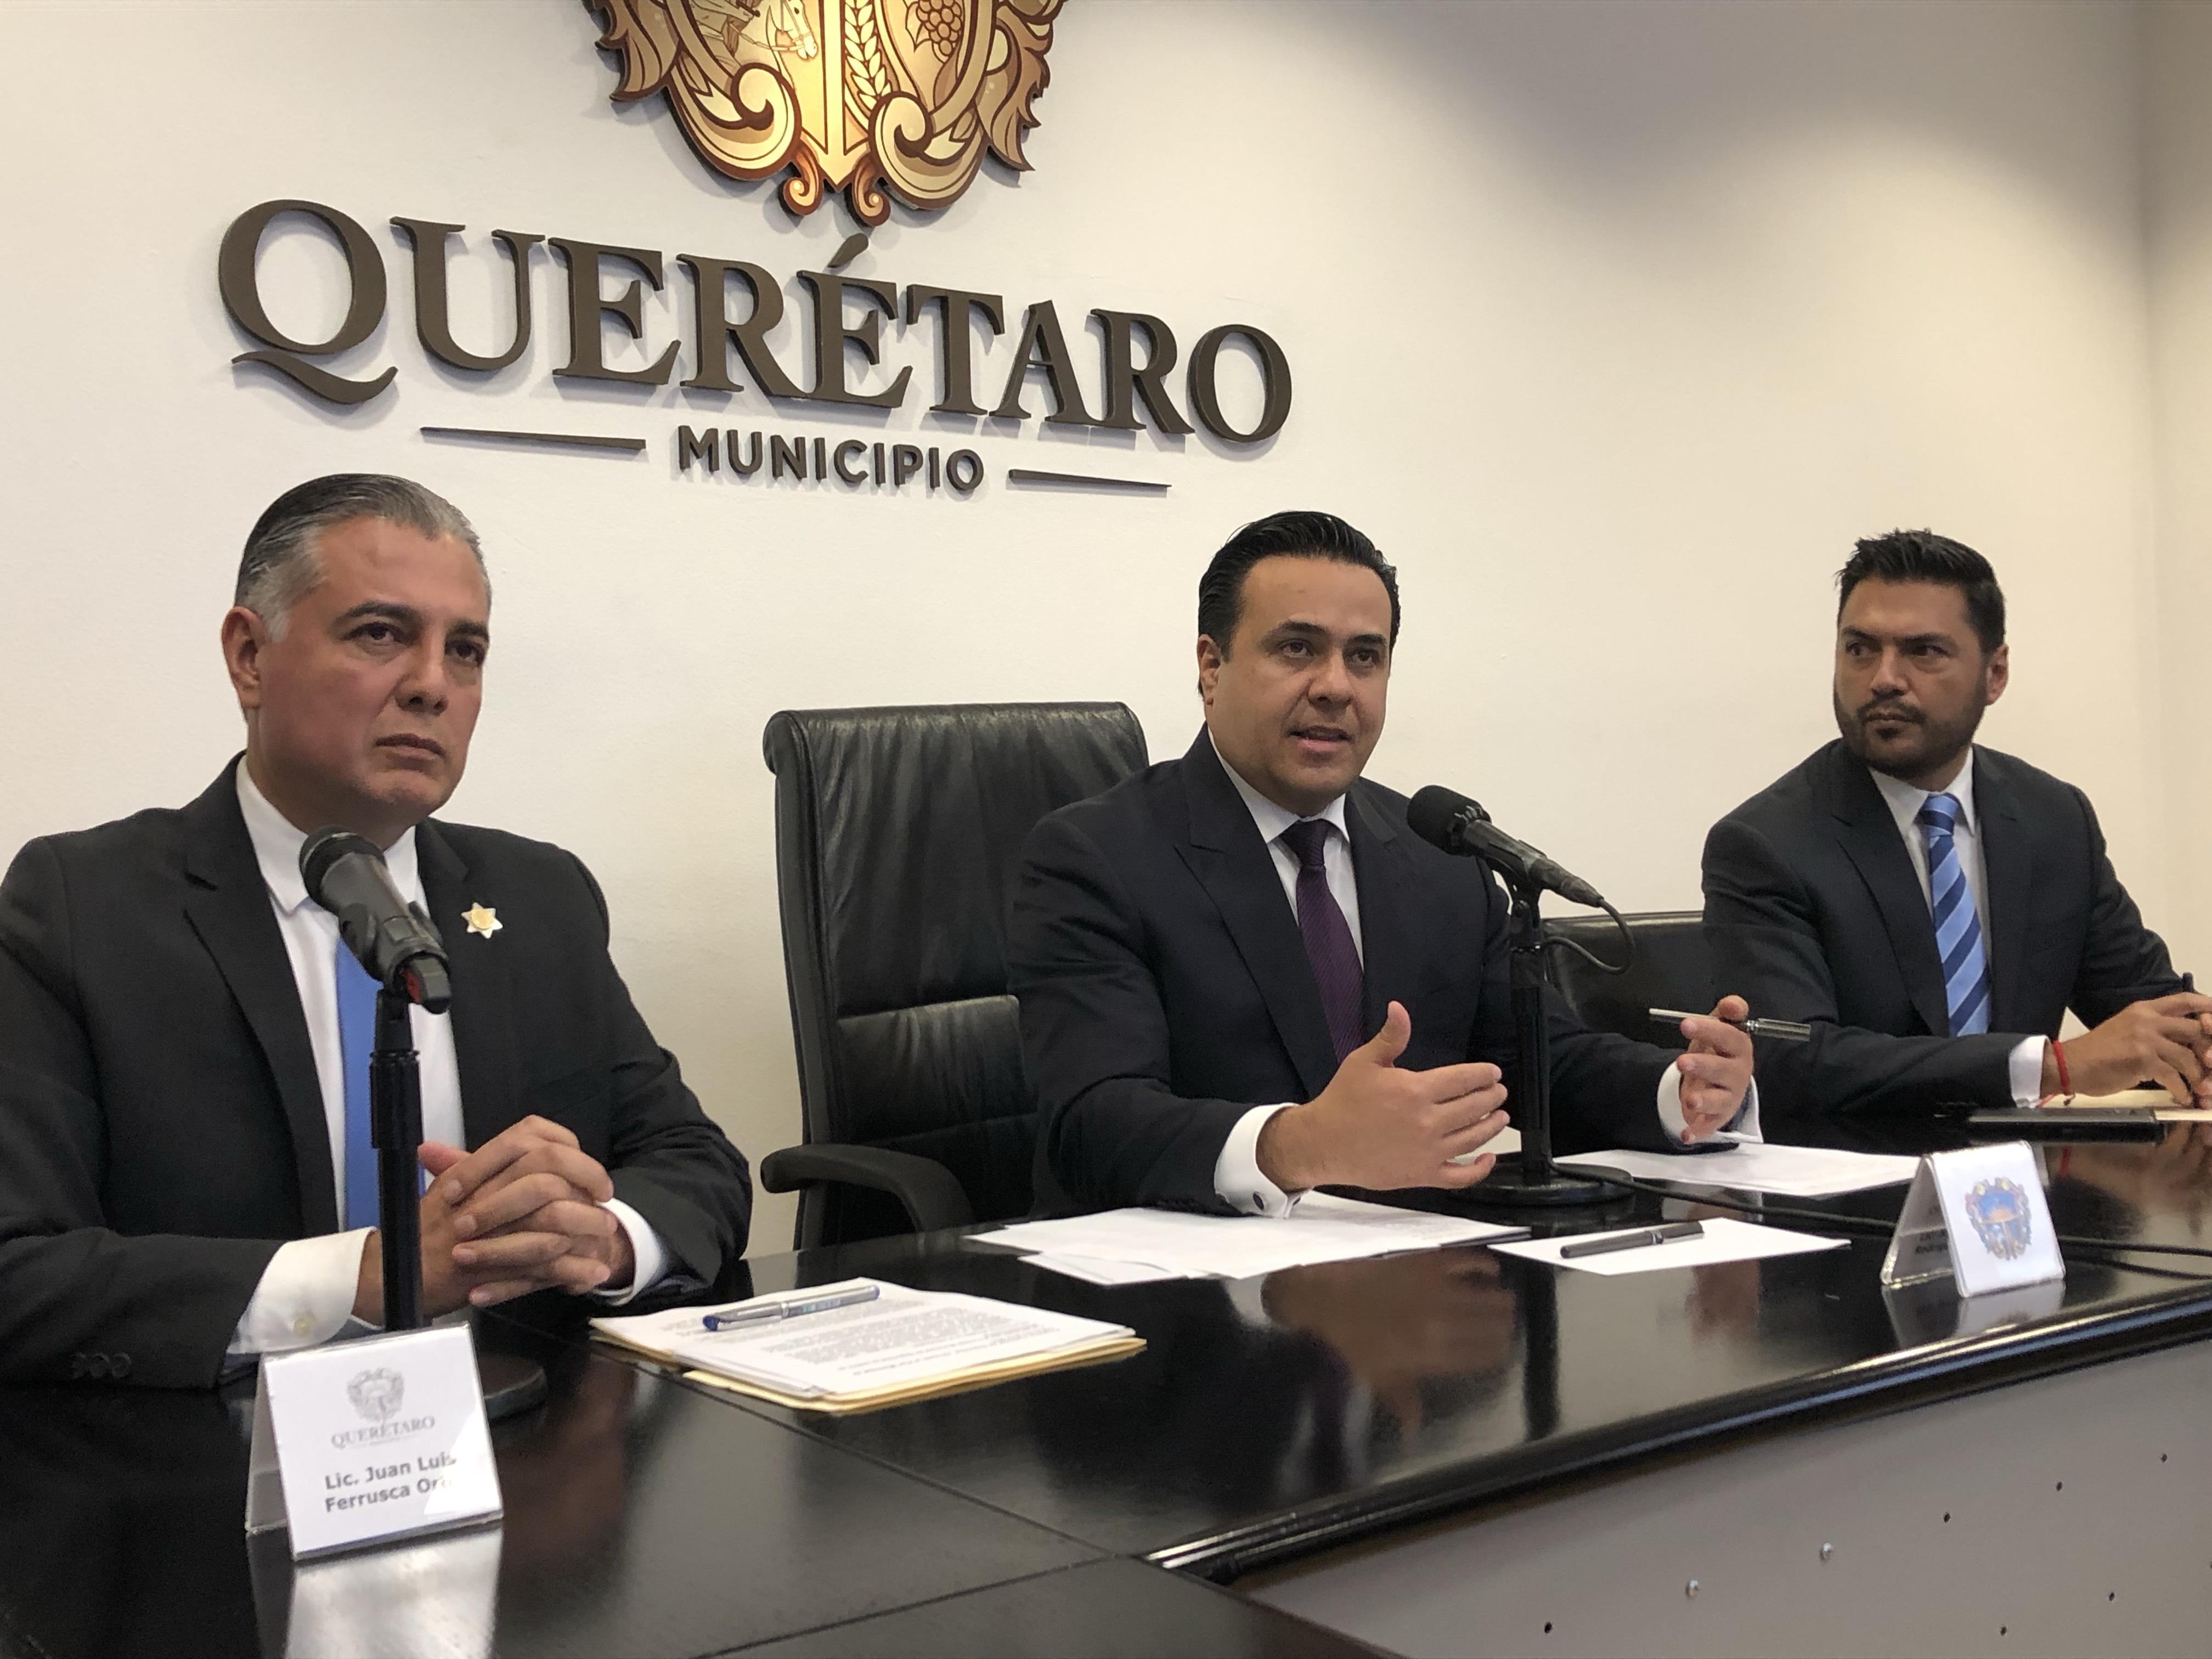 Municipio de Querétaro prepara aplicación para compartir vehículo